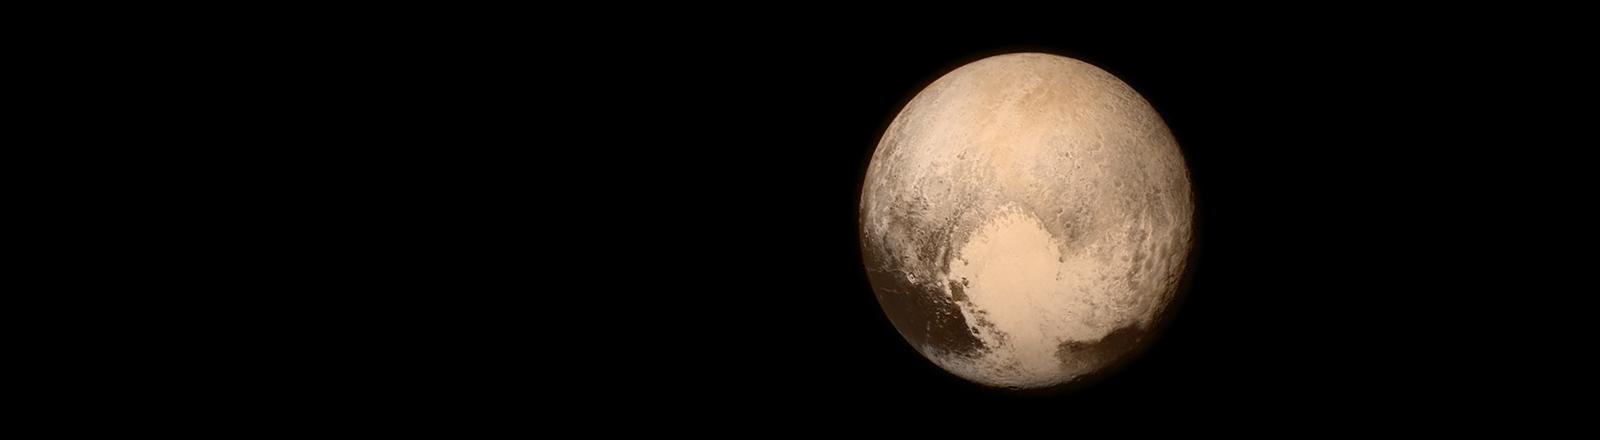 """Der Mond Pluto aufgenommen von der Sonde """"New Horizons"""" am 14.07.2015."""